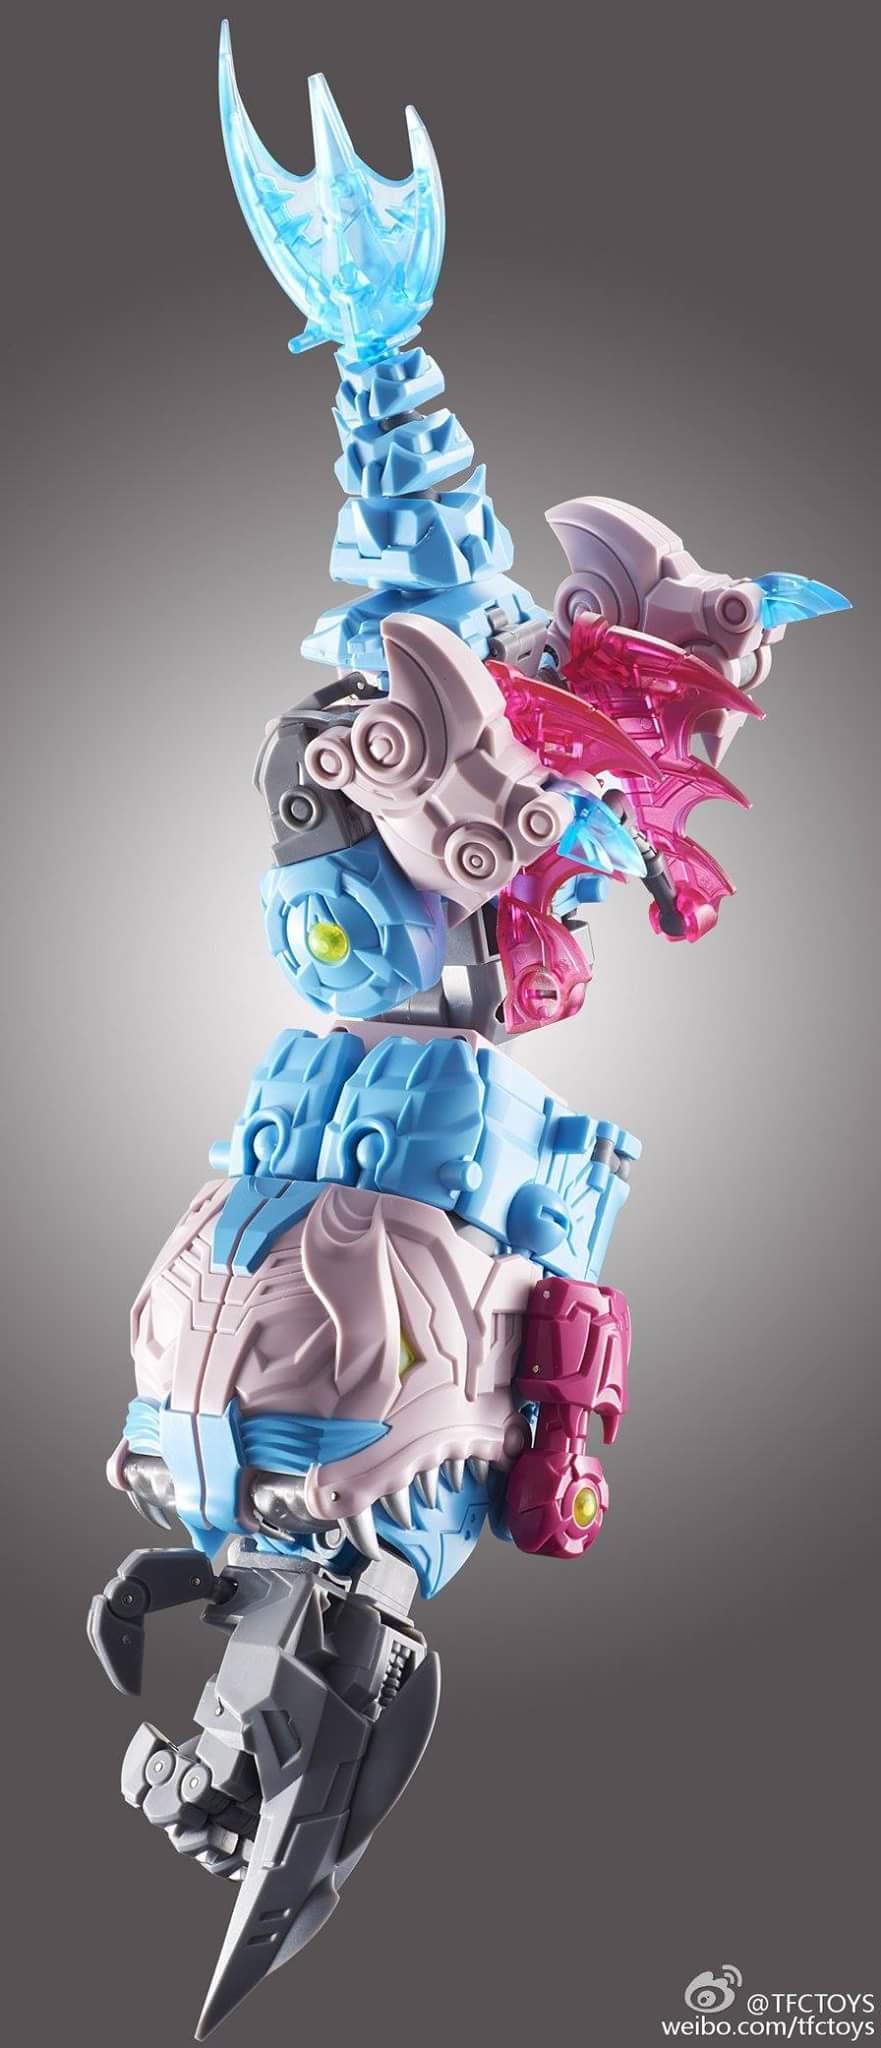 [TFC Toys] Produit Tiers - Jouet Poseidon - aka Piranacon/King Poseidon (TF Masterforce) - Page 2 AV9g49uC